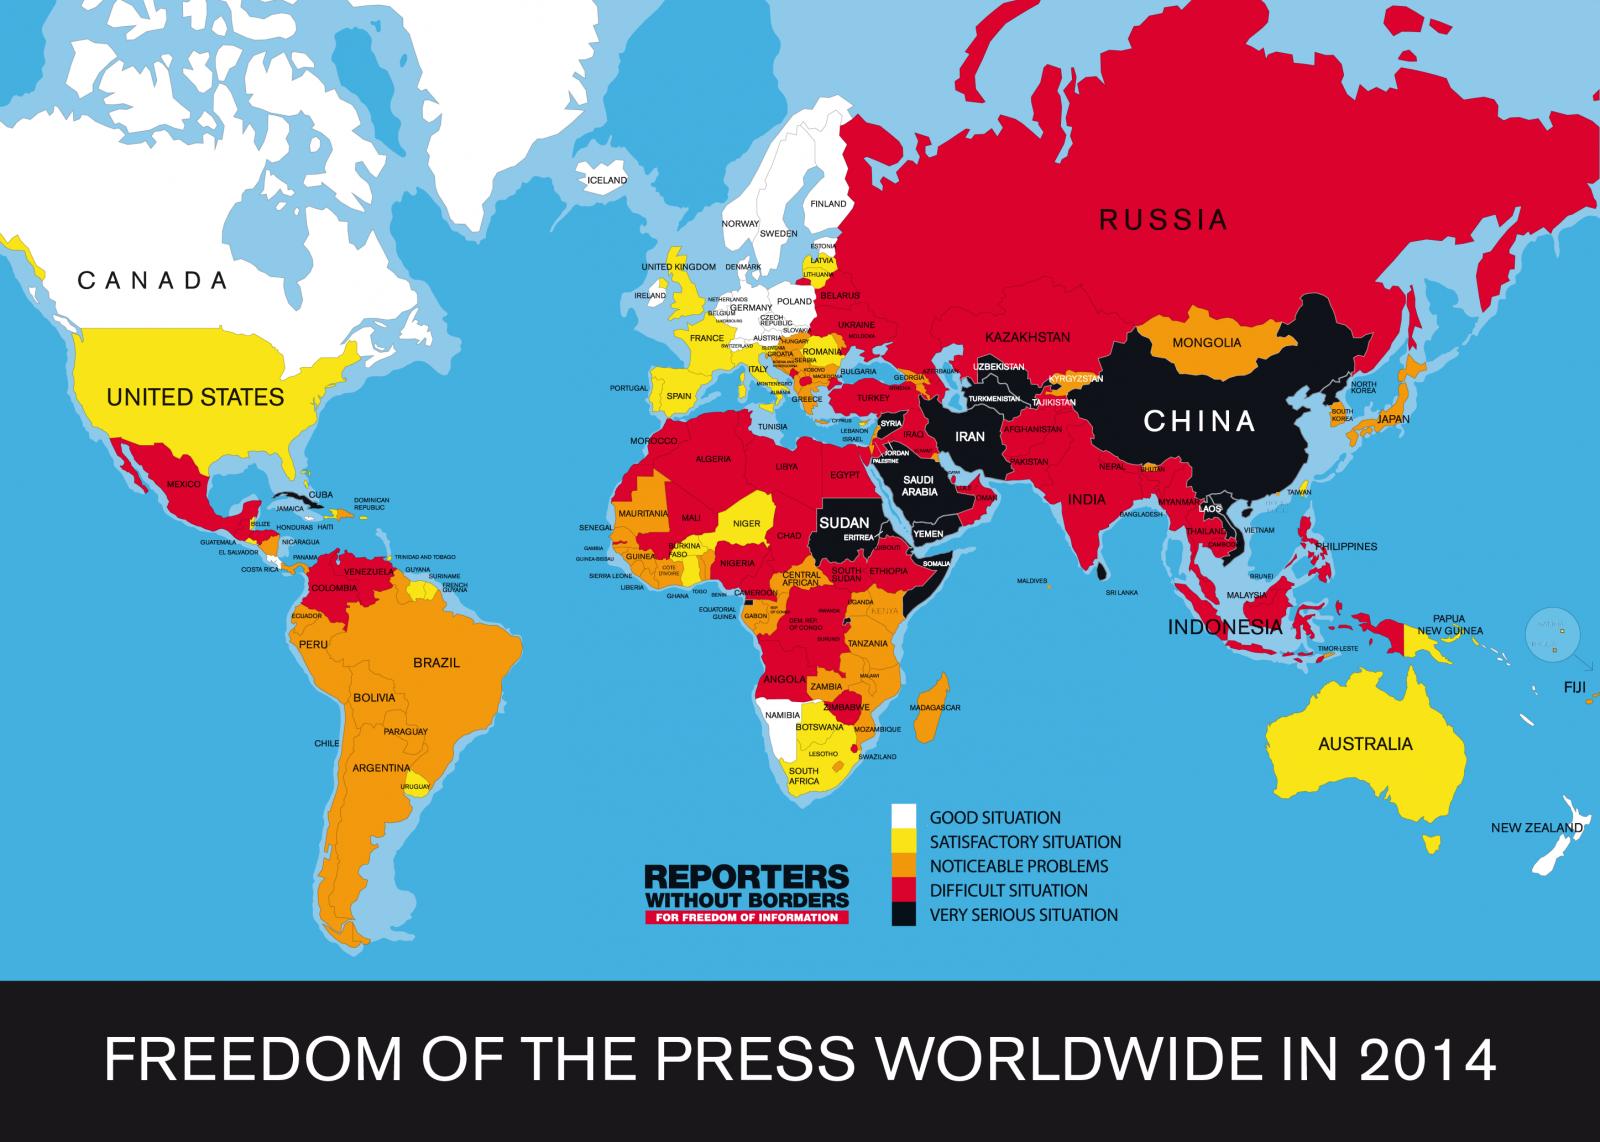 מפת מדד חופש העיתונות הבינלאומי של ארגון עיתונאים-ללא-גבולות